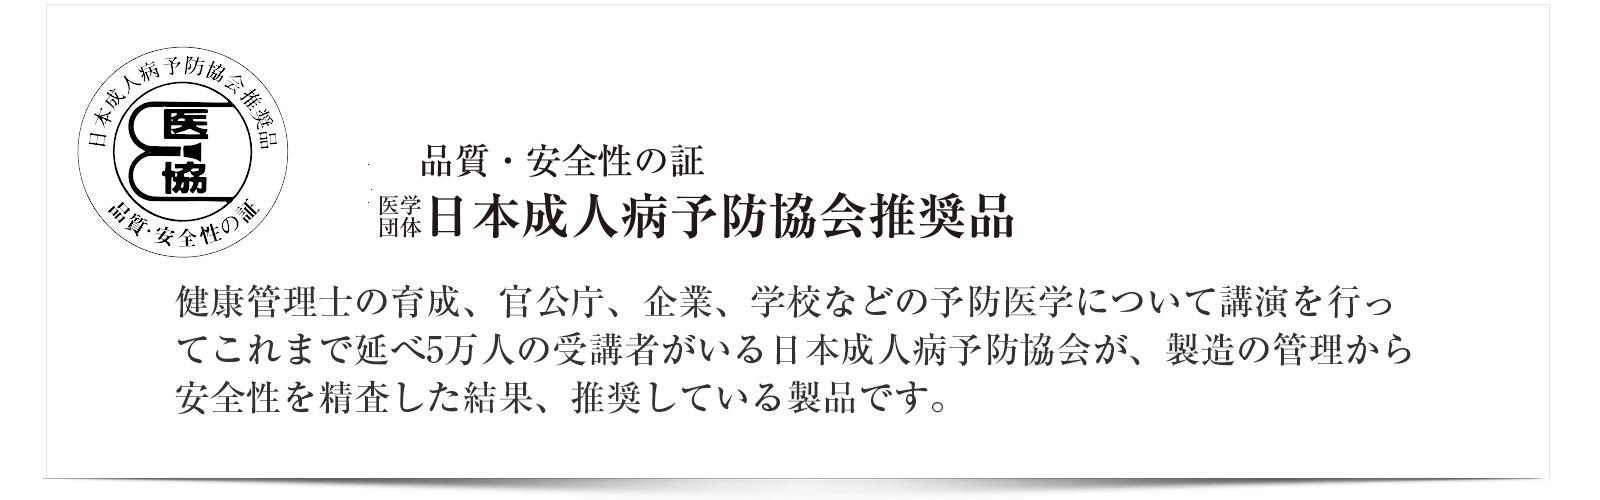 医学団体日本成人病予防協会推奨品